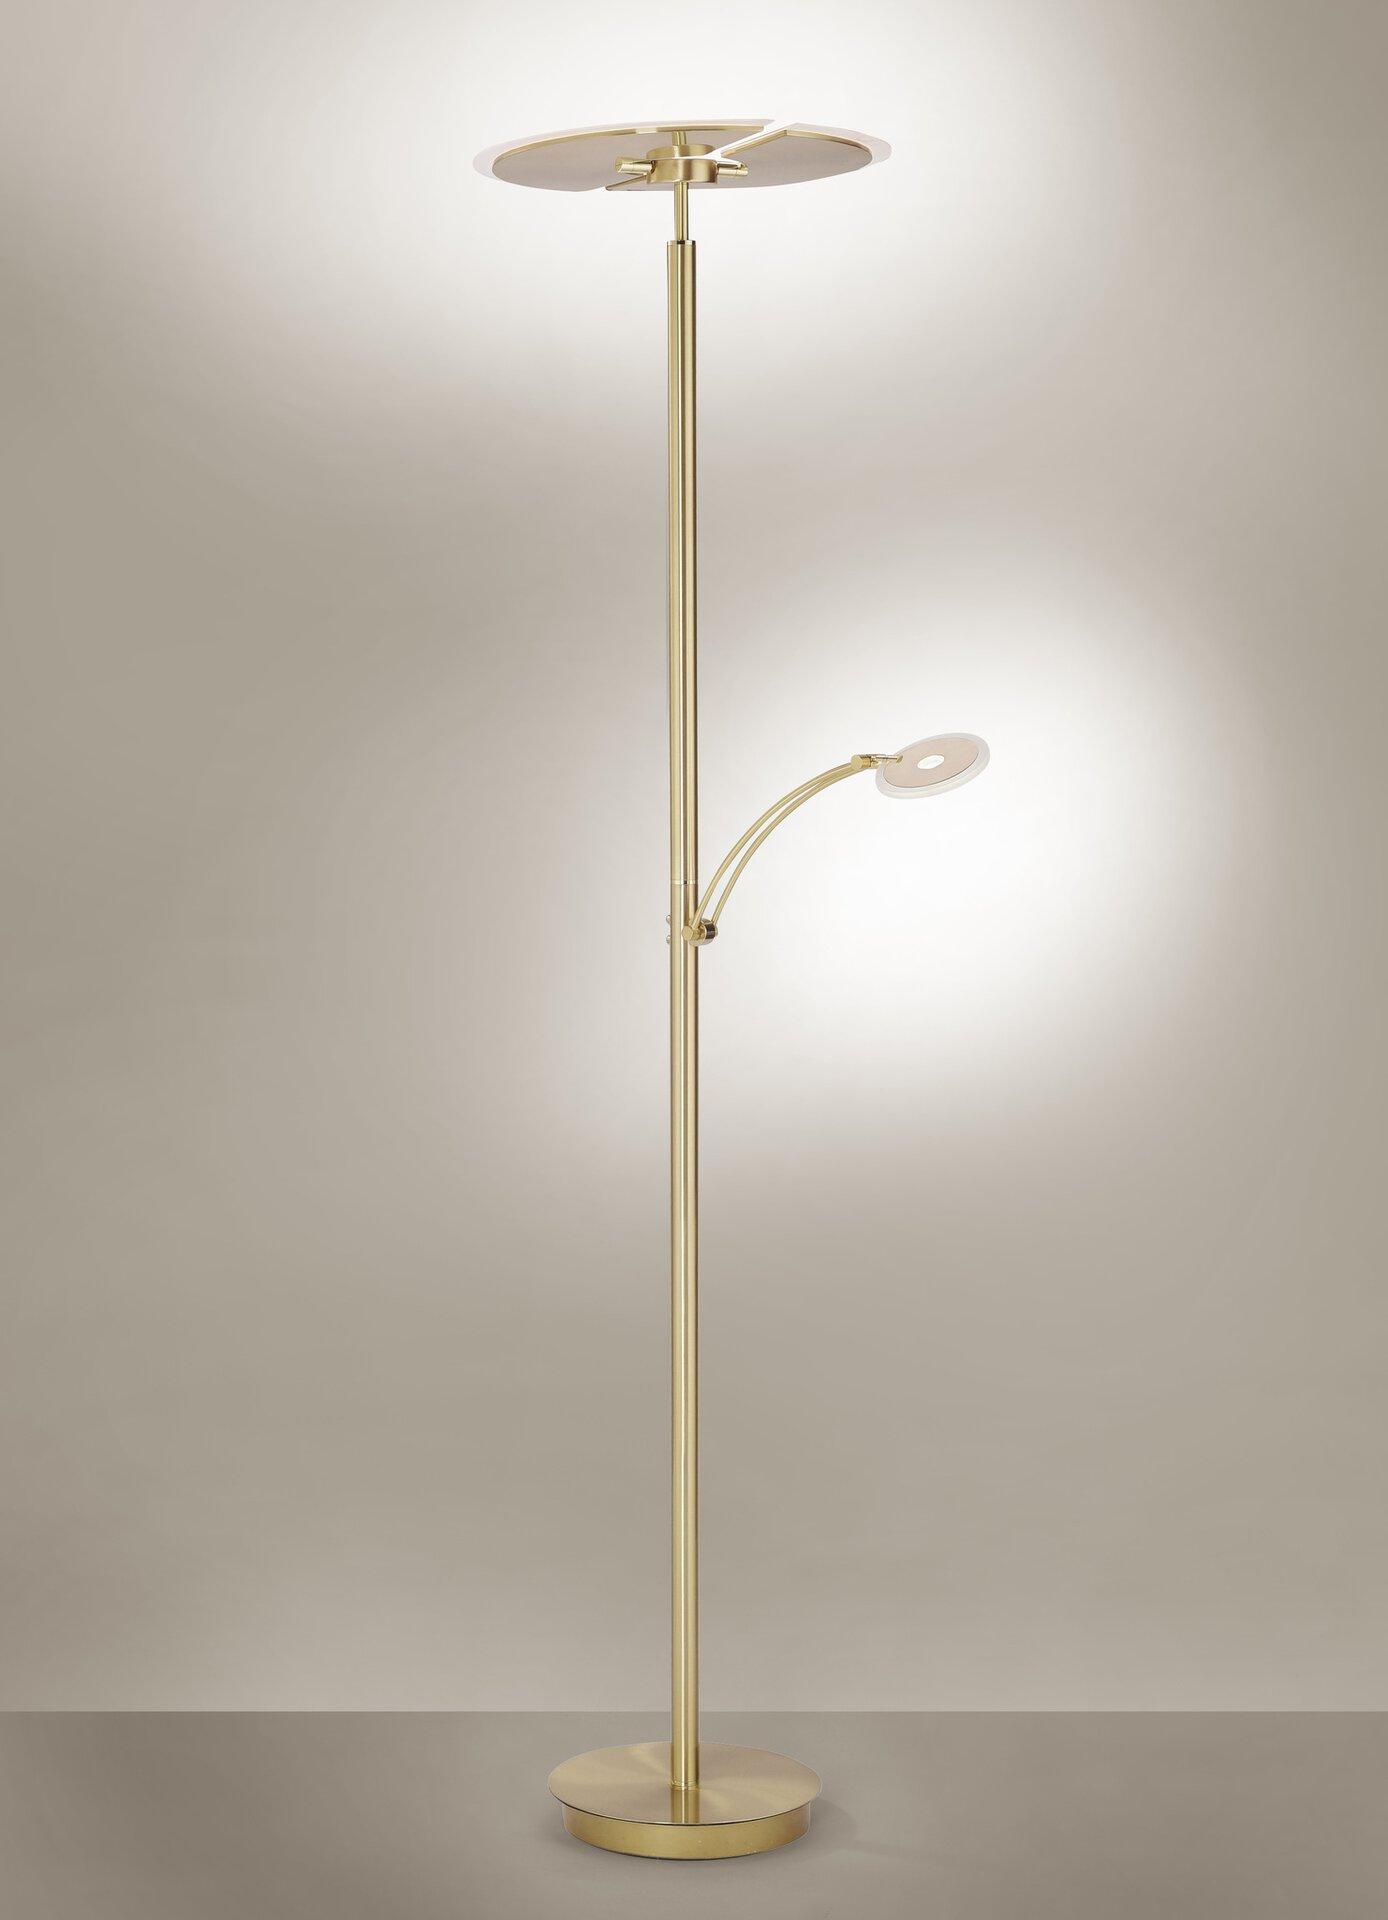 Stehleuchte ARTUR Paul Neuhaus Metall gold 46 x 200 x 62 cm